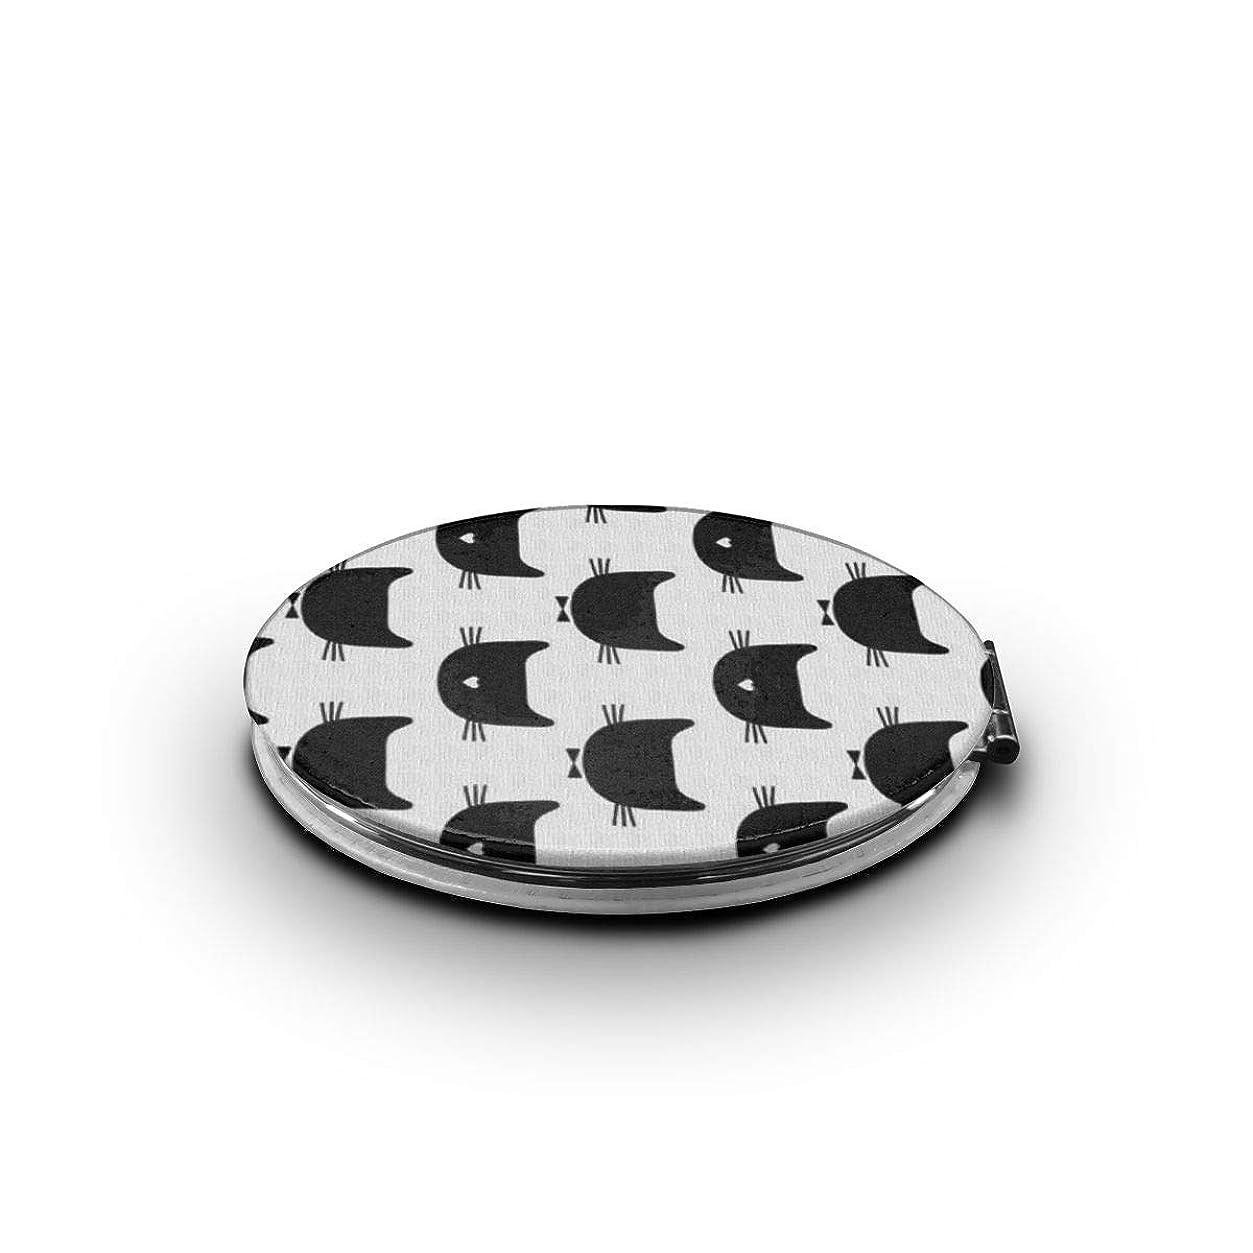 あいさつ臭い毎回化粧鏡 猫 ブラック 折りたたみ 自由 角度調整 180° 回転 女優ミラー 携帯用ミラー コンパクトコンパクト ミラー